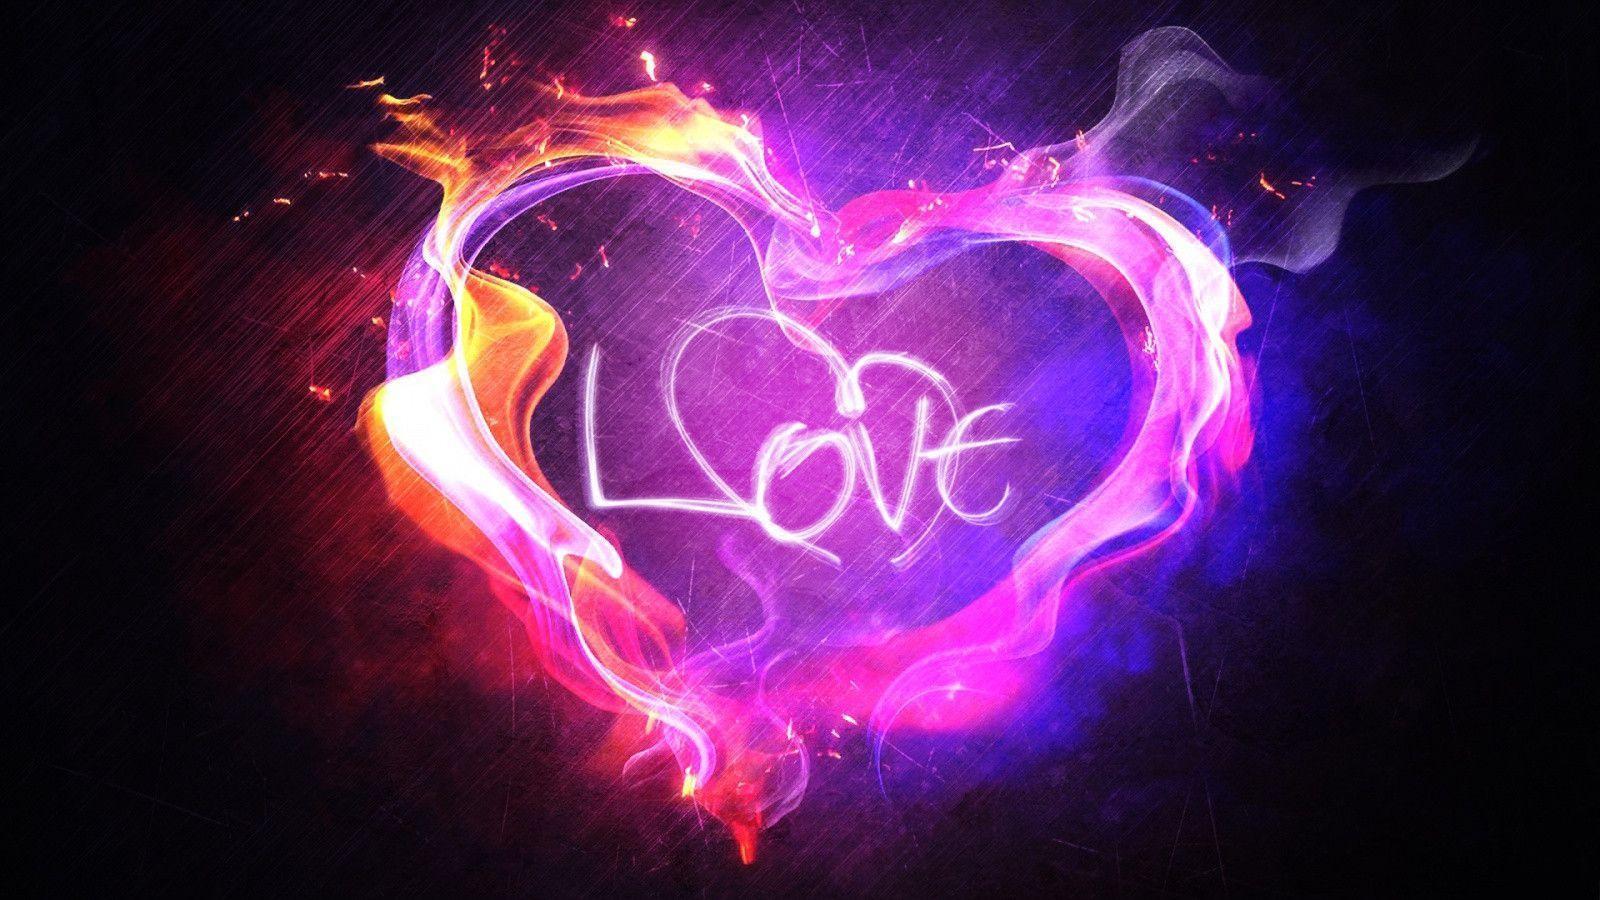 Heart In Love Wallpaper Hd: Love Heart Wallpapers HD